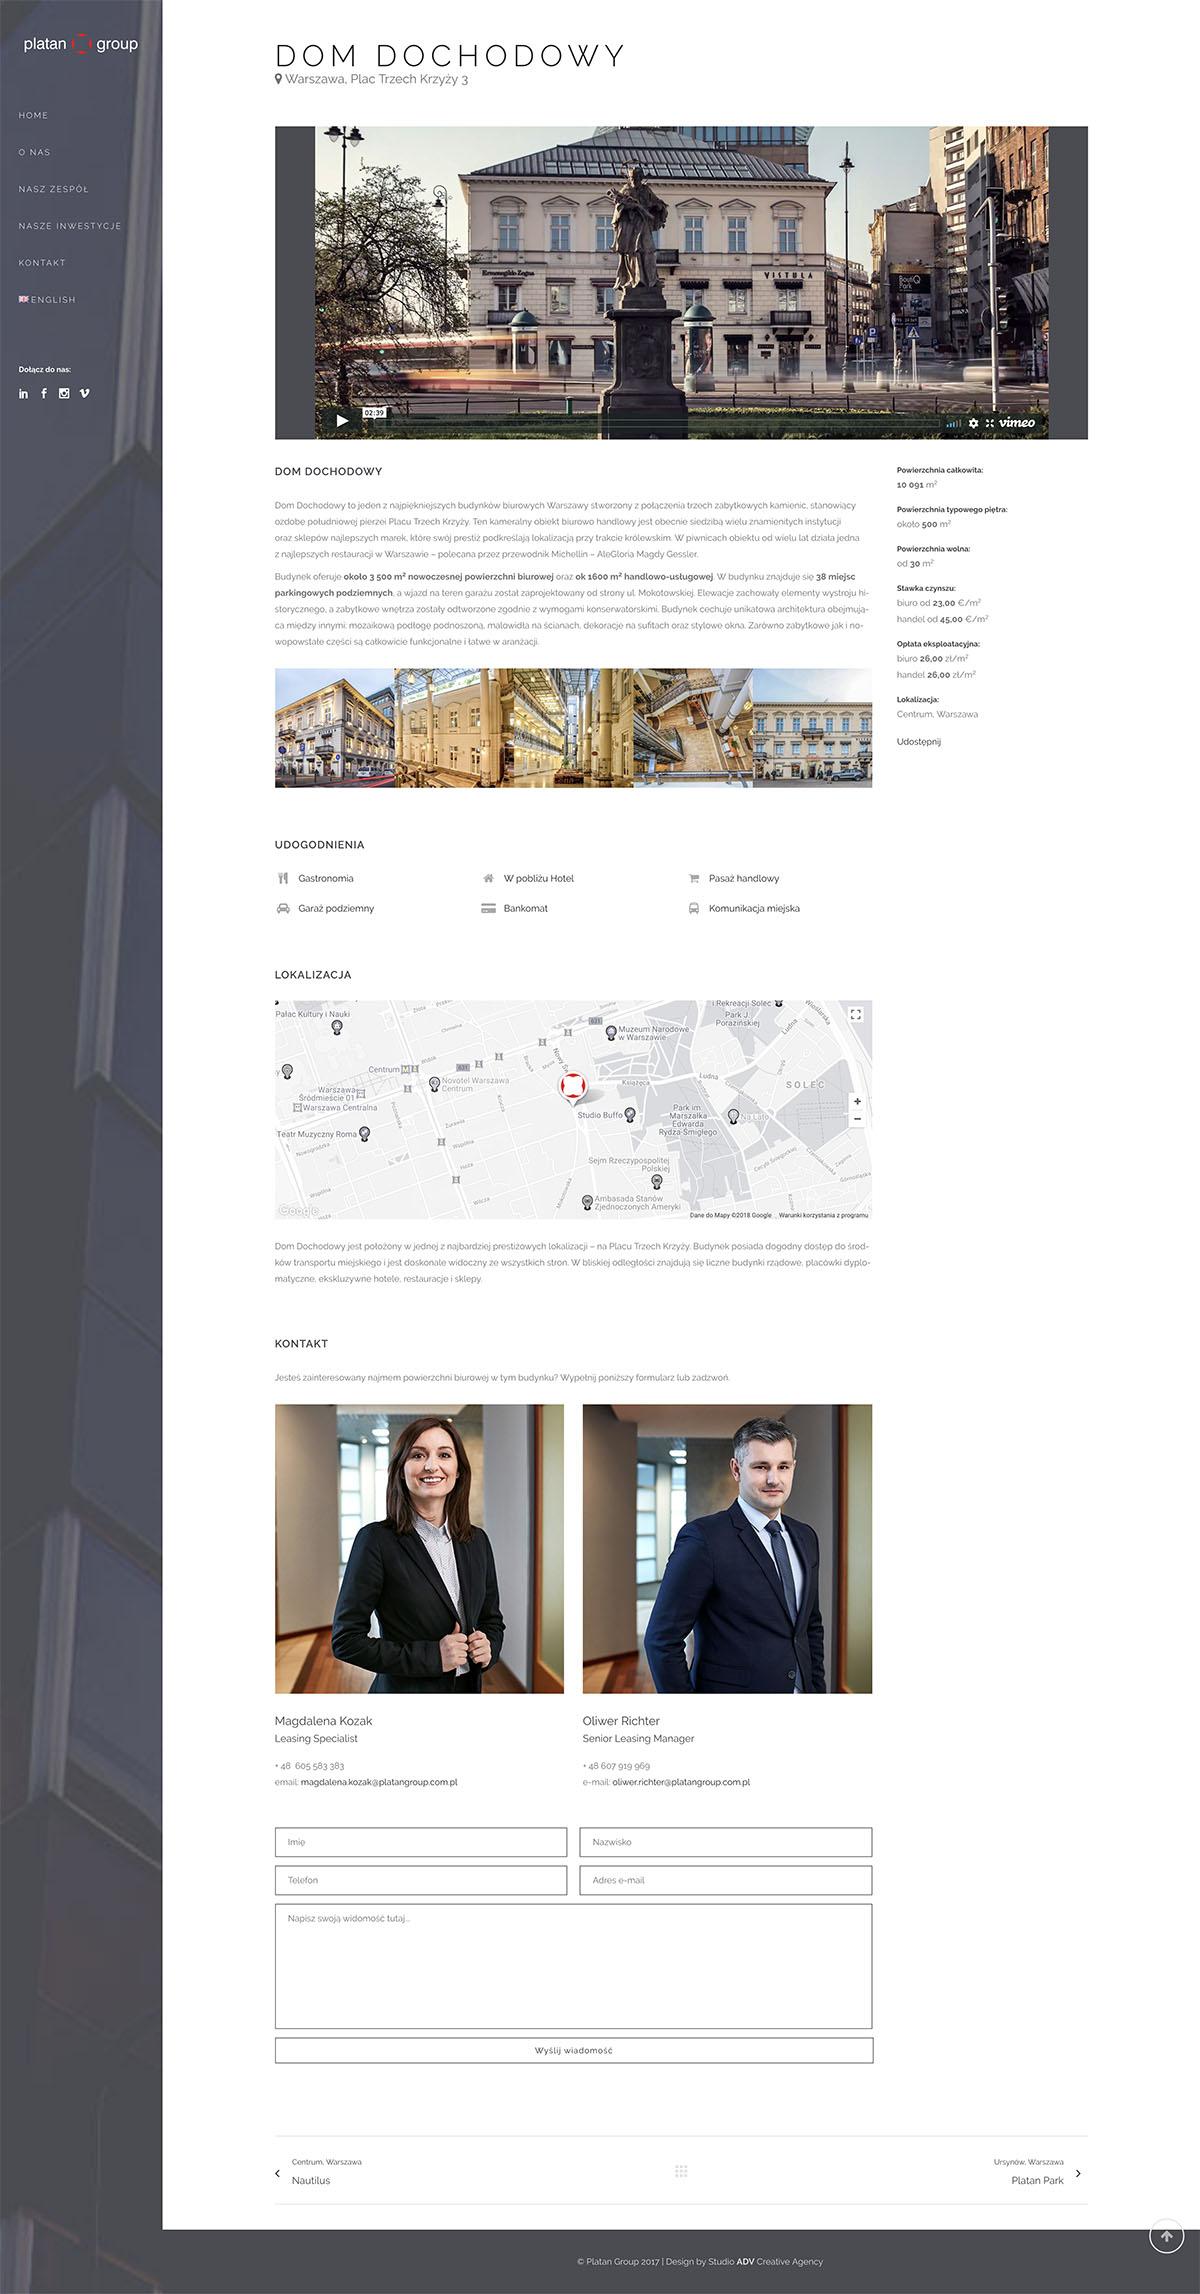 Studio ADV - Platan Group Dom Dochodowy